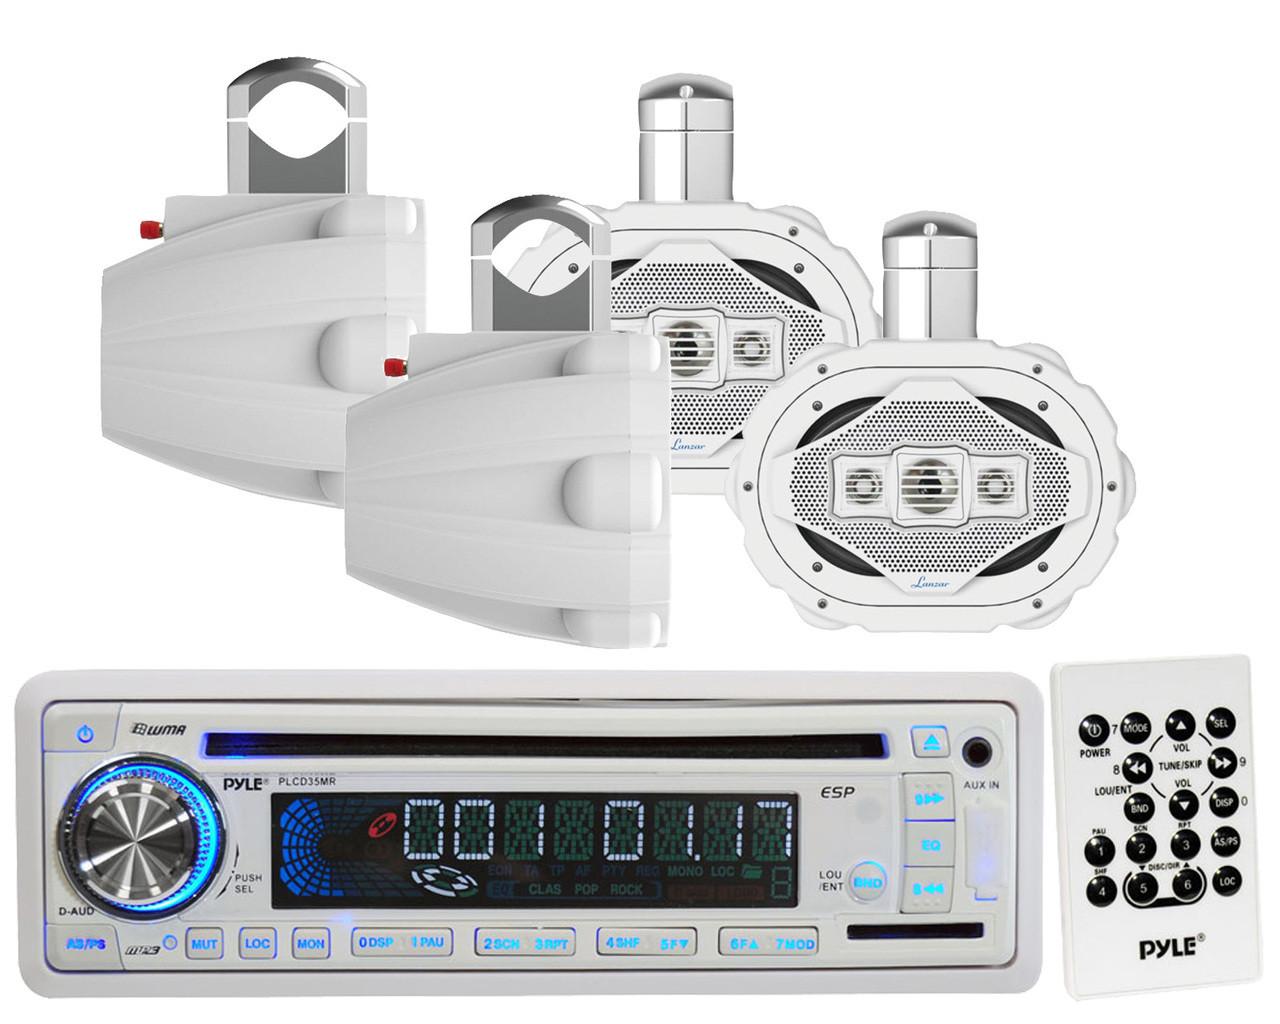 Pyle Marine AM FM AUX CD USB Radio,2 Lanzar 6x9